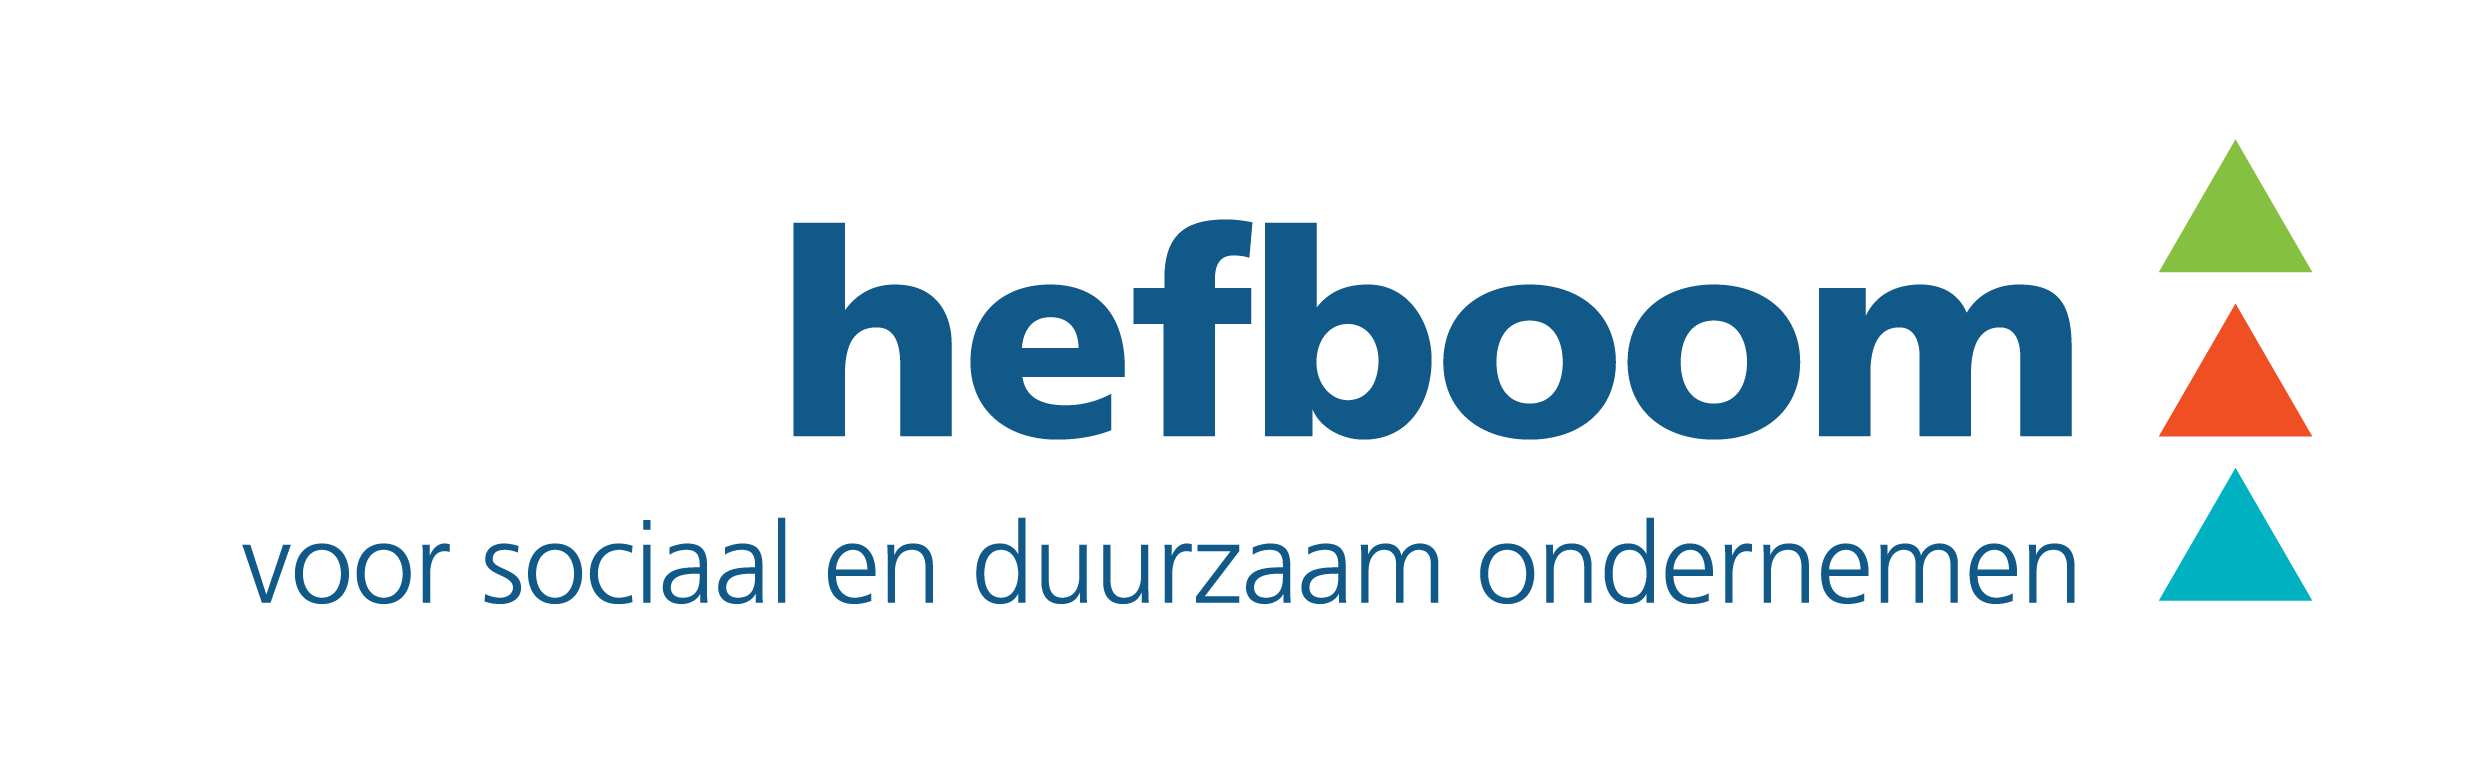 hefboom_logo_blauw-vert